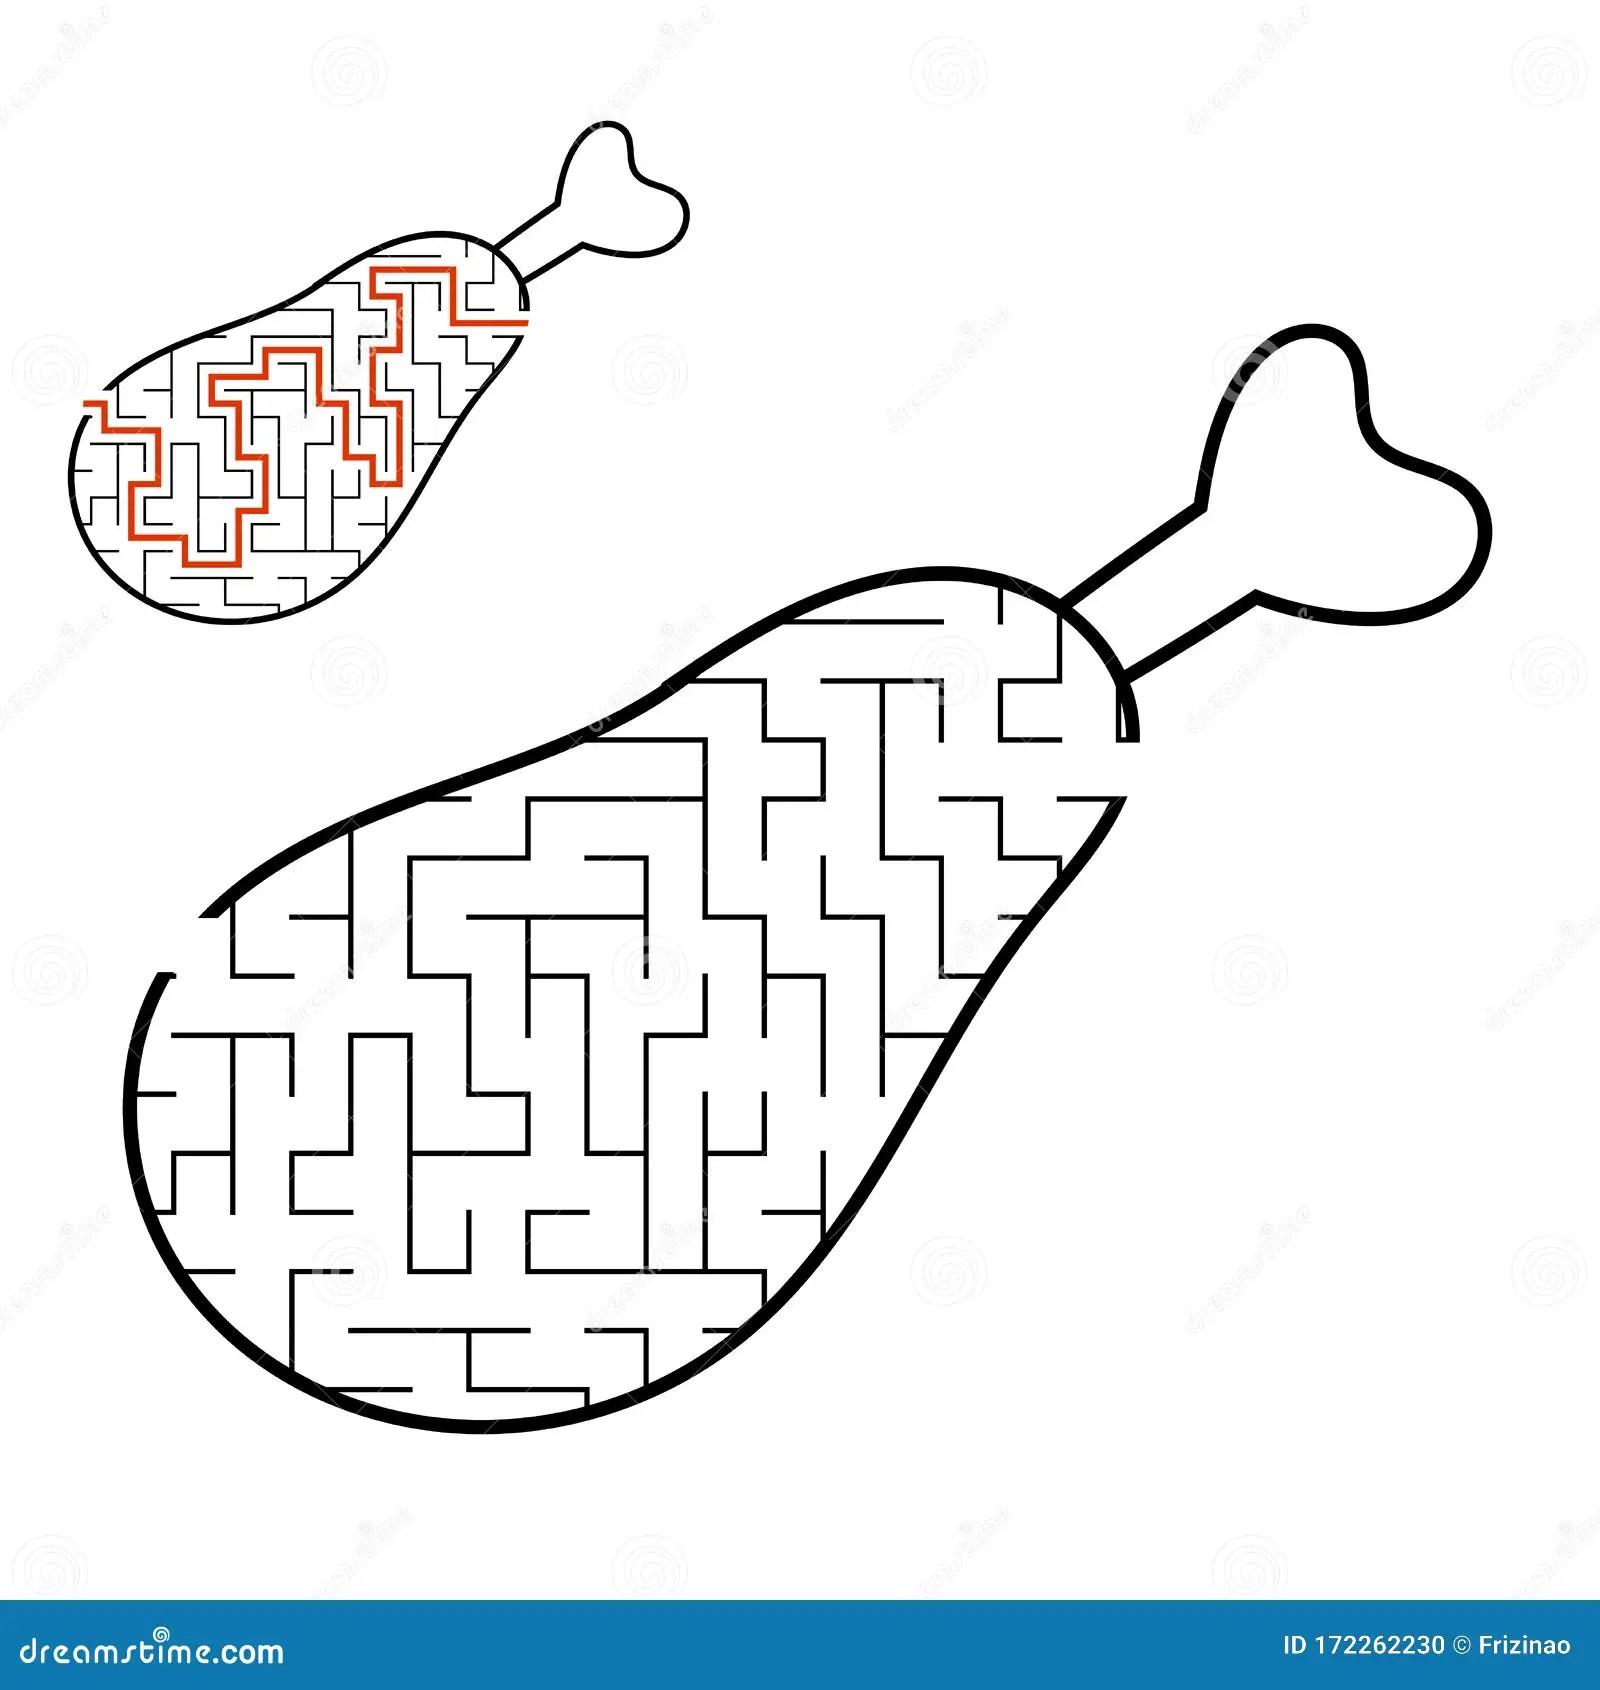 Maze Chicken Leg Game For Kids Puzzle For Children